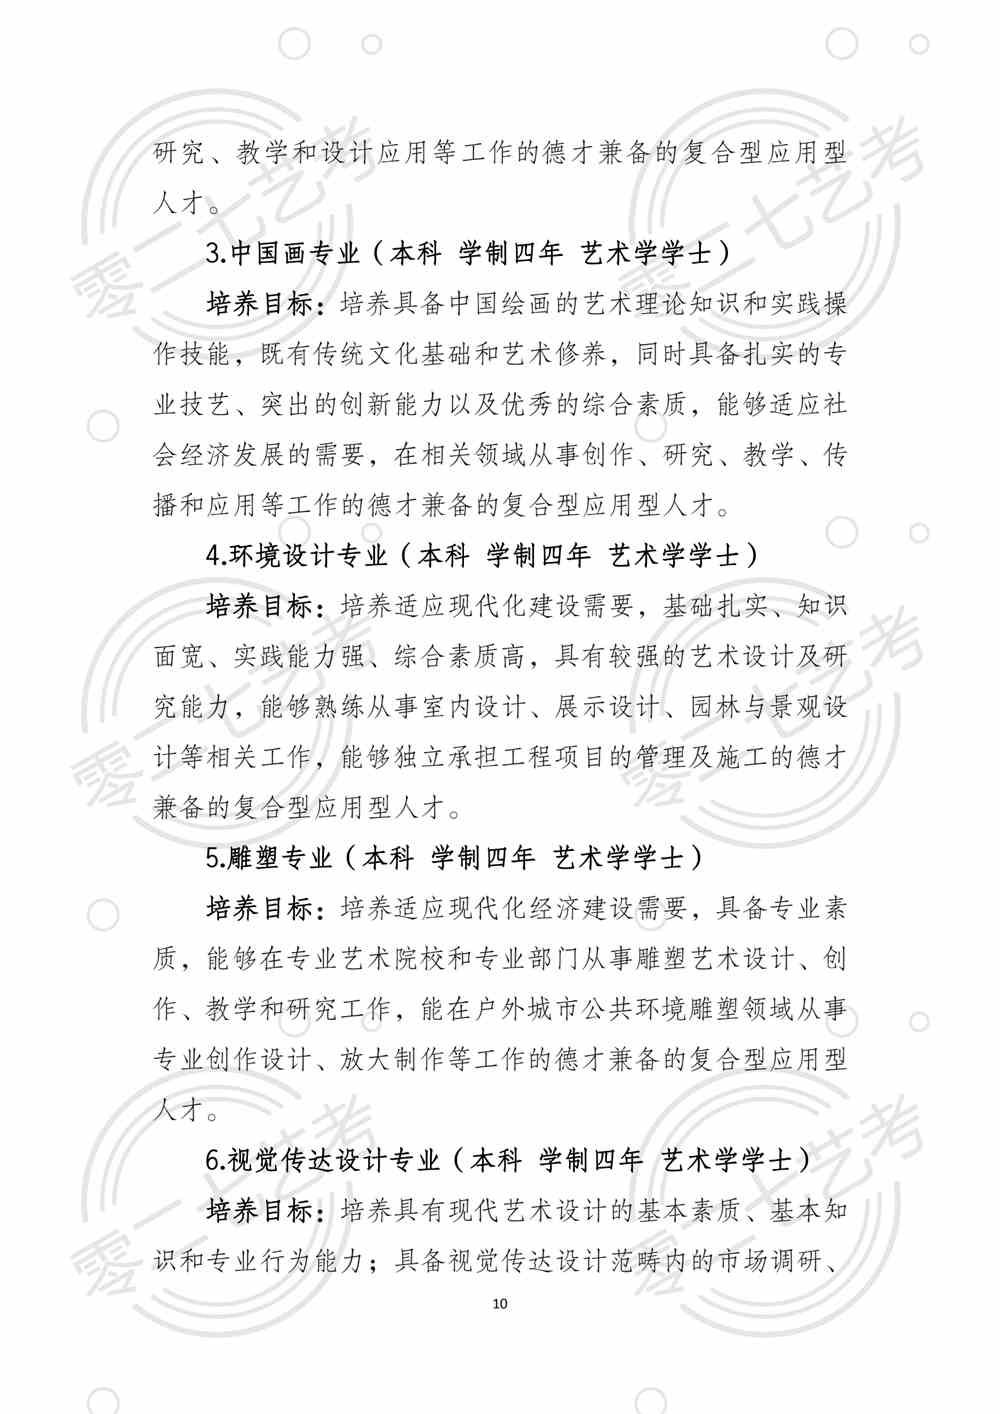 北方民族大学2021年艺术类专业招生简章_09.png